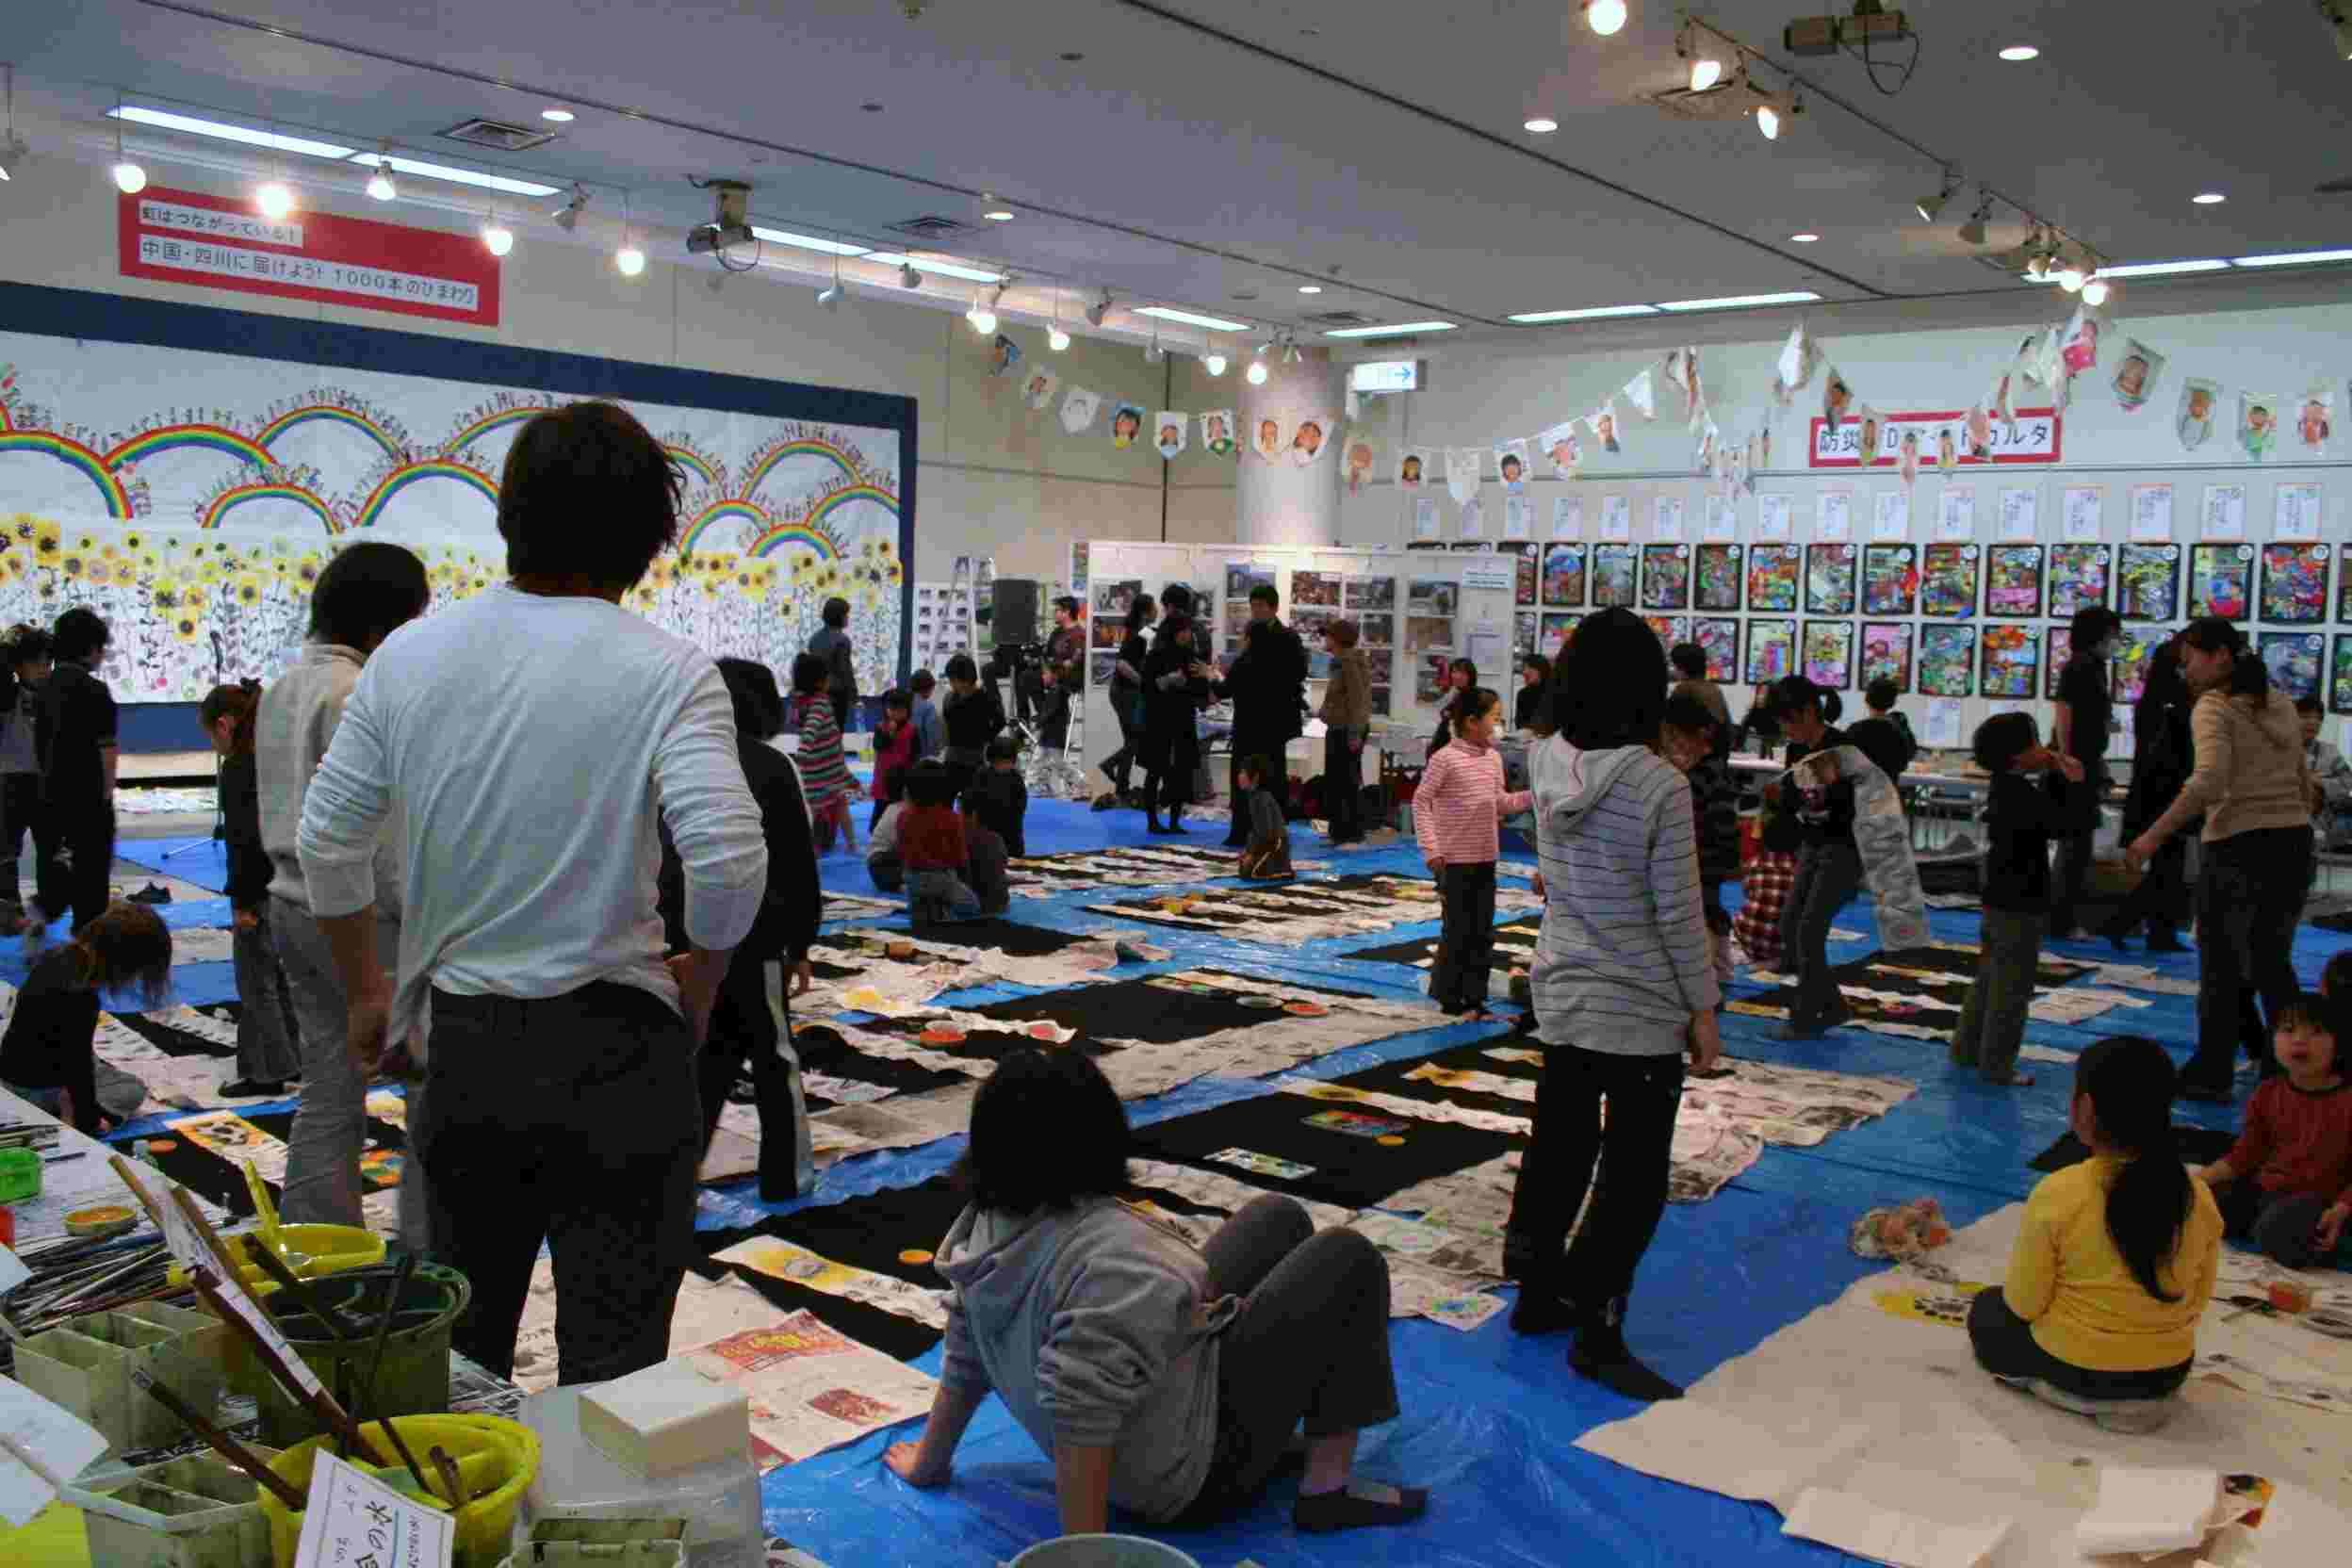 アトリエ太陽の子 の展覧会 神戸_e0167771_18262092.jpg